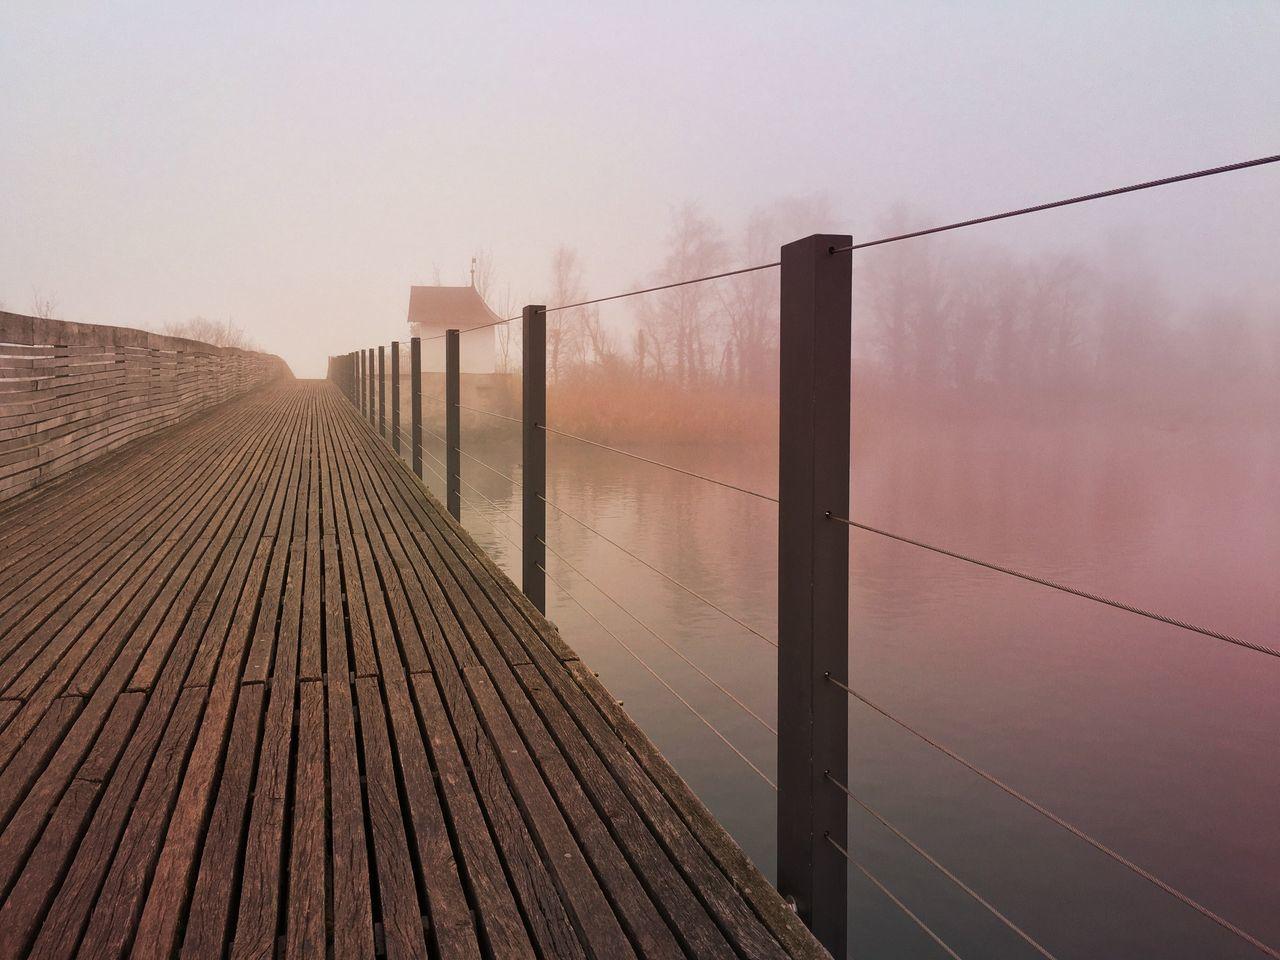 Boardwalk By Lake In Foggy Weather